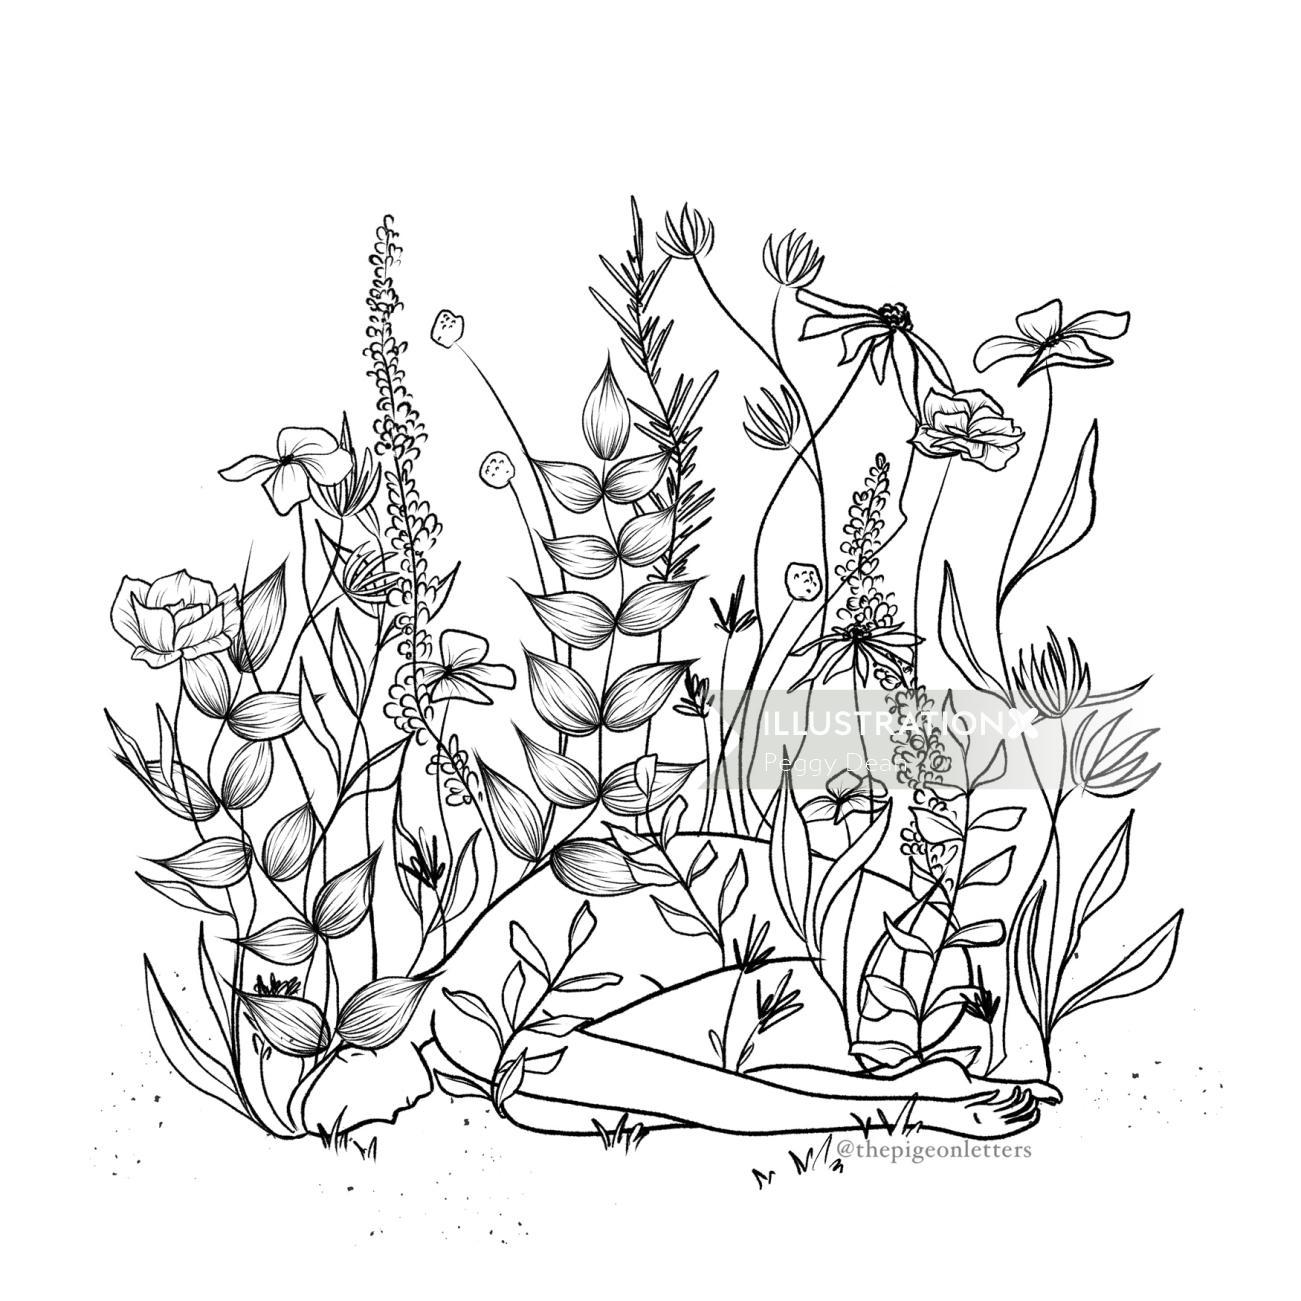 Woman buried in overgrown wildflowers